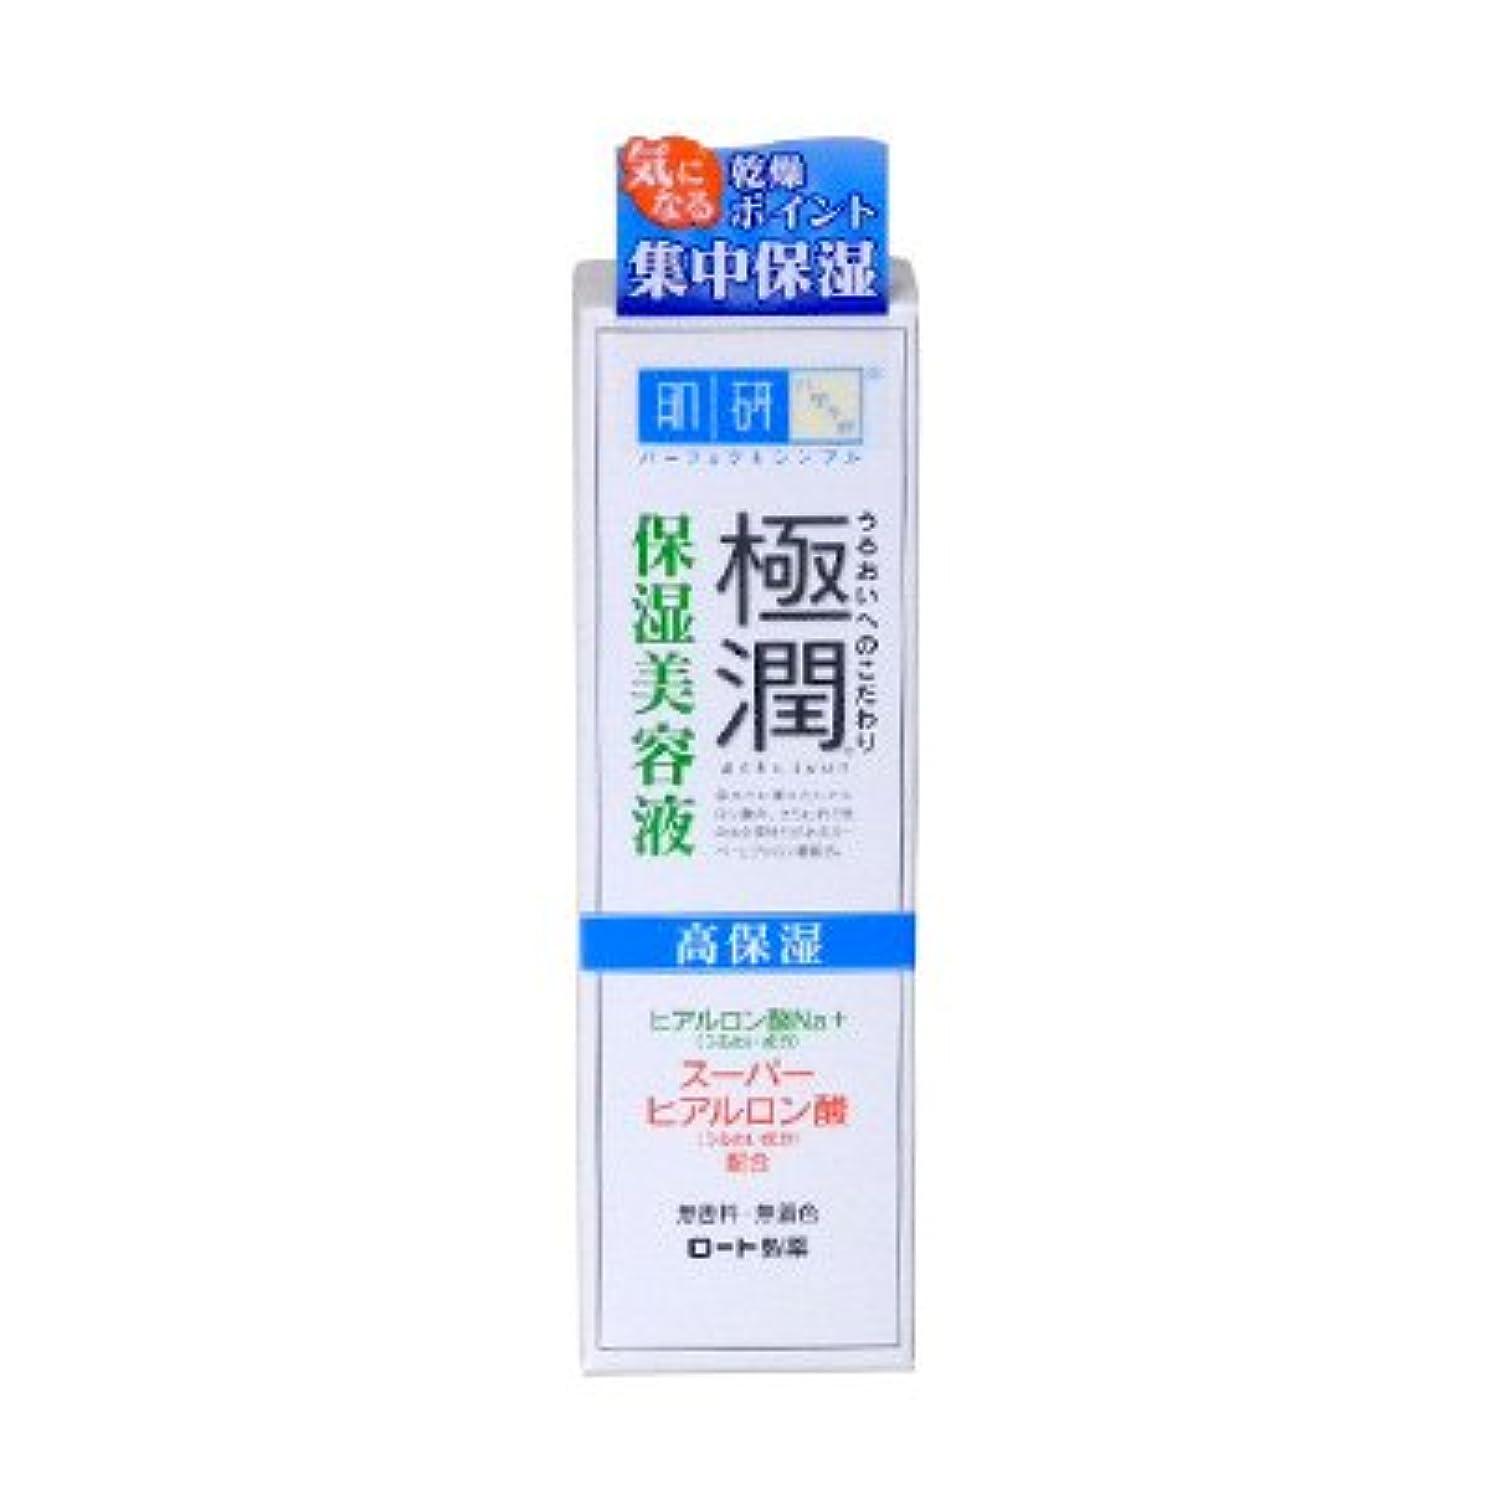 抜粋科学的化学ロート製薬 ハダラボ 極潤 保湿美容液 30g